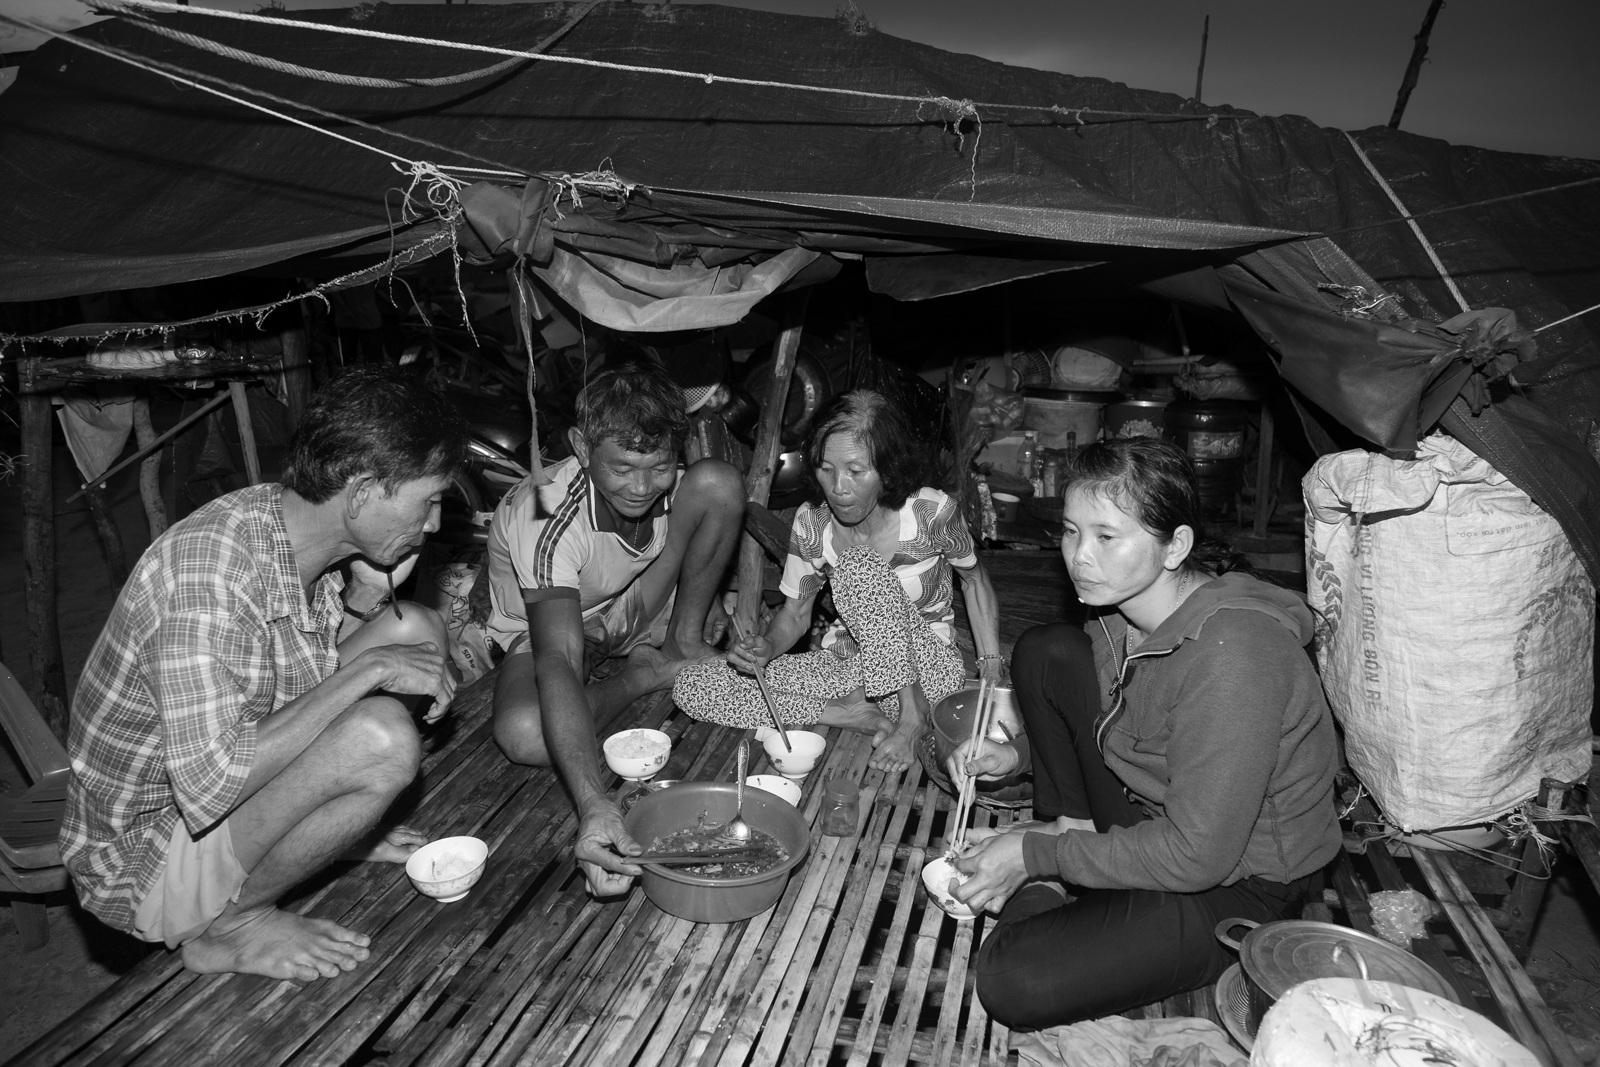 Bữa cơm của gia đình ông Ba Phước. Về nước hơn 1 năm rồi cả nhà vẫn còn khốn khó. Do không có giấy tờ tùy thân nên các con của ông Phước nhiều lần bị từ chối khi xin làm công nhân ở TP HCM, Bình Dương